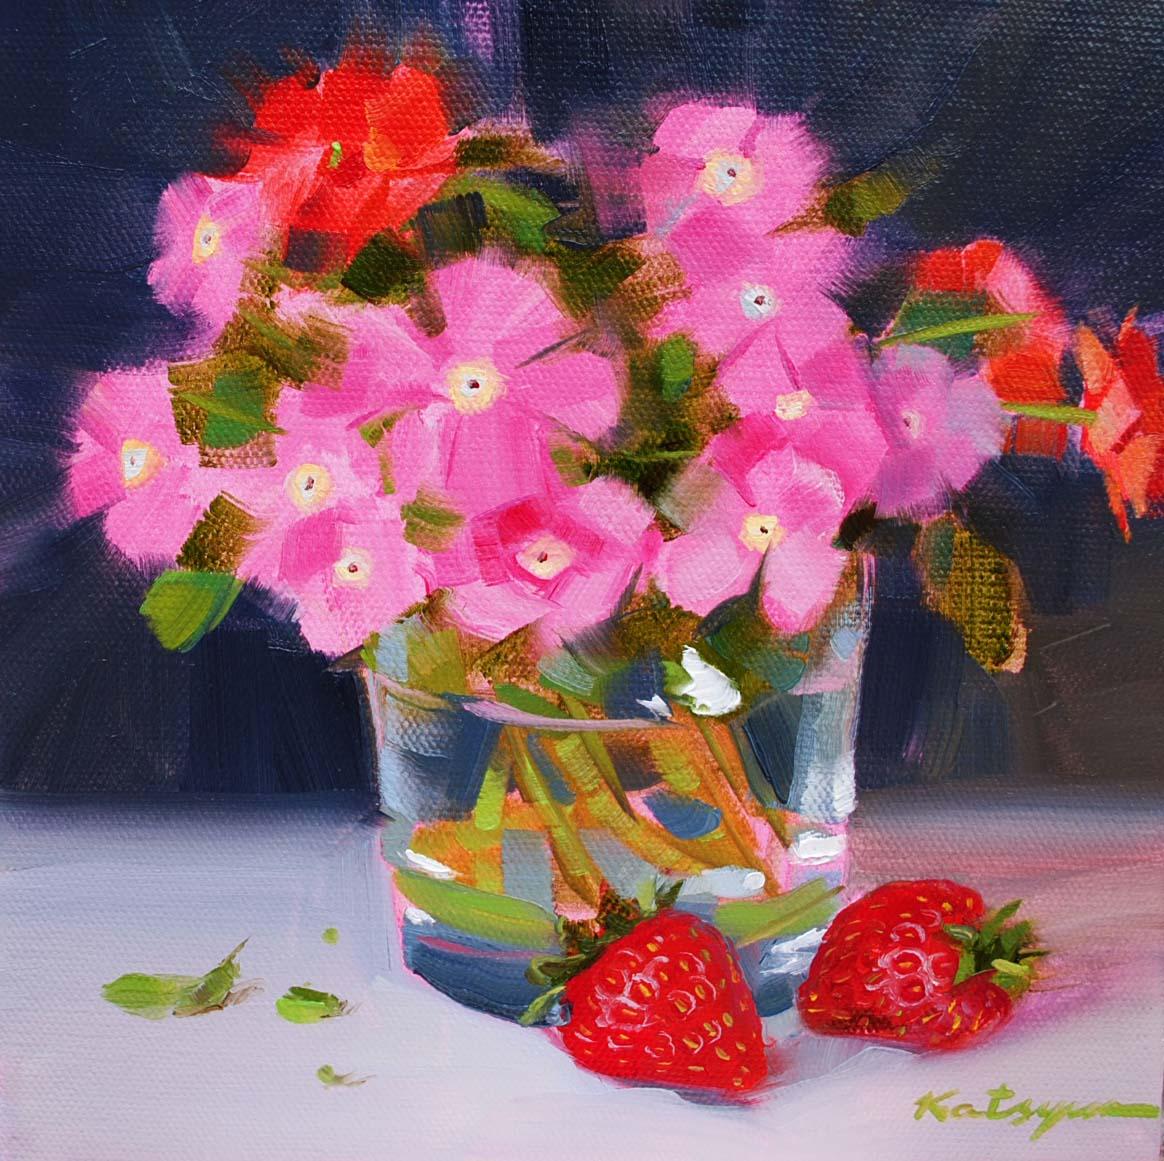 """""""Pink Flowers and Strawberries"""" original fine art by Elena Katsyura"""